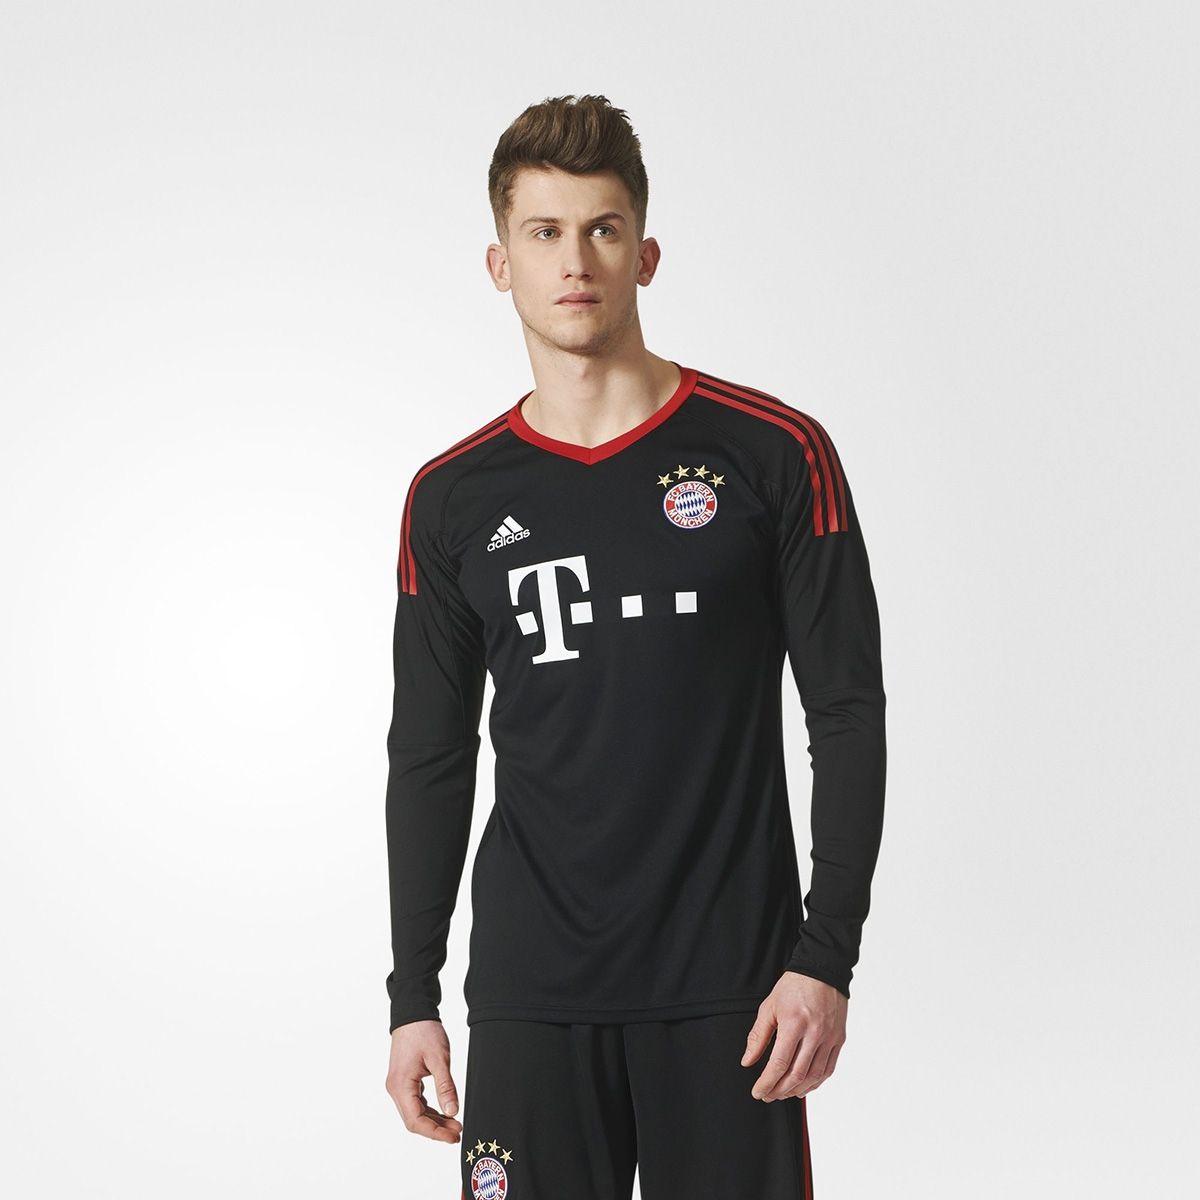 online store 7b4e7 eccfe Type Shirts adidas FC Bayern Munich Replica Jersey